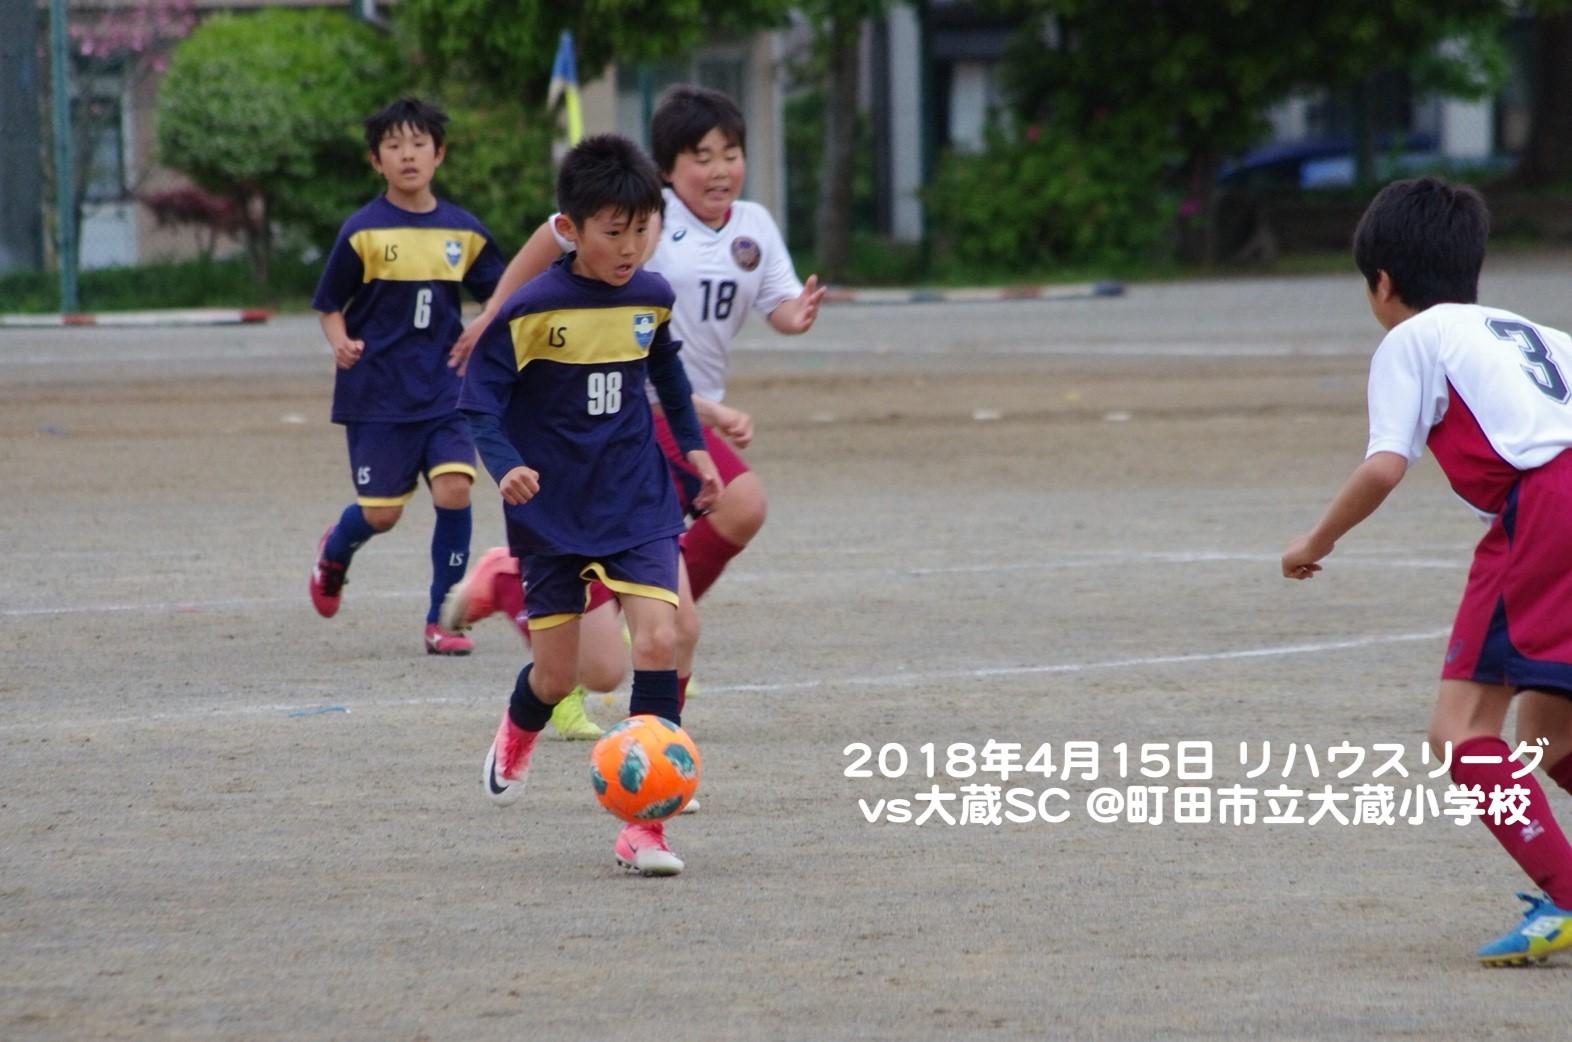 18415リハウス@大蔵小_180517_0023